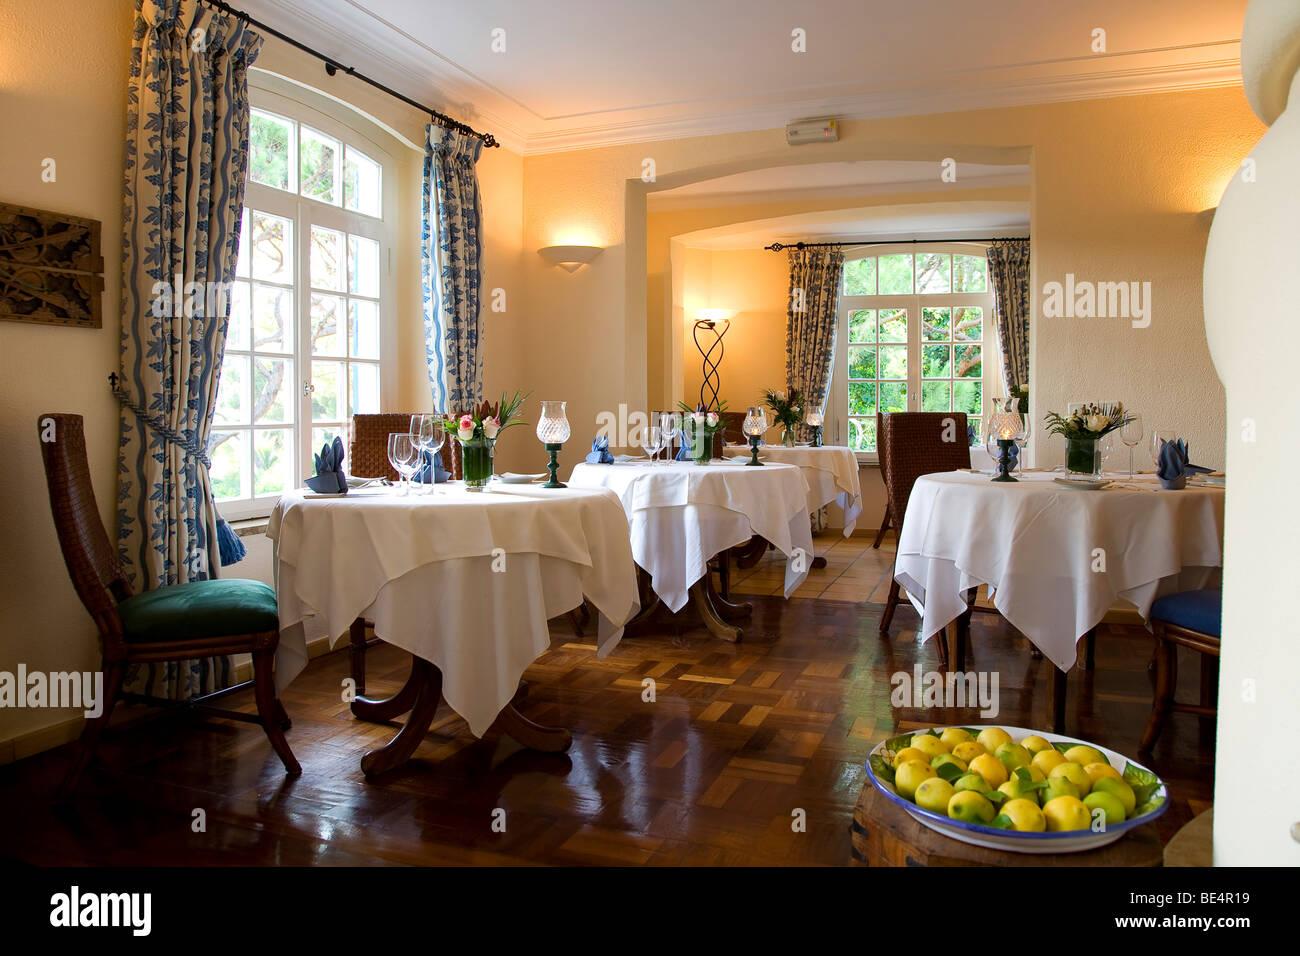 Portuguese Restaurant Decor : Portuguese restaurant interior design stock photos